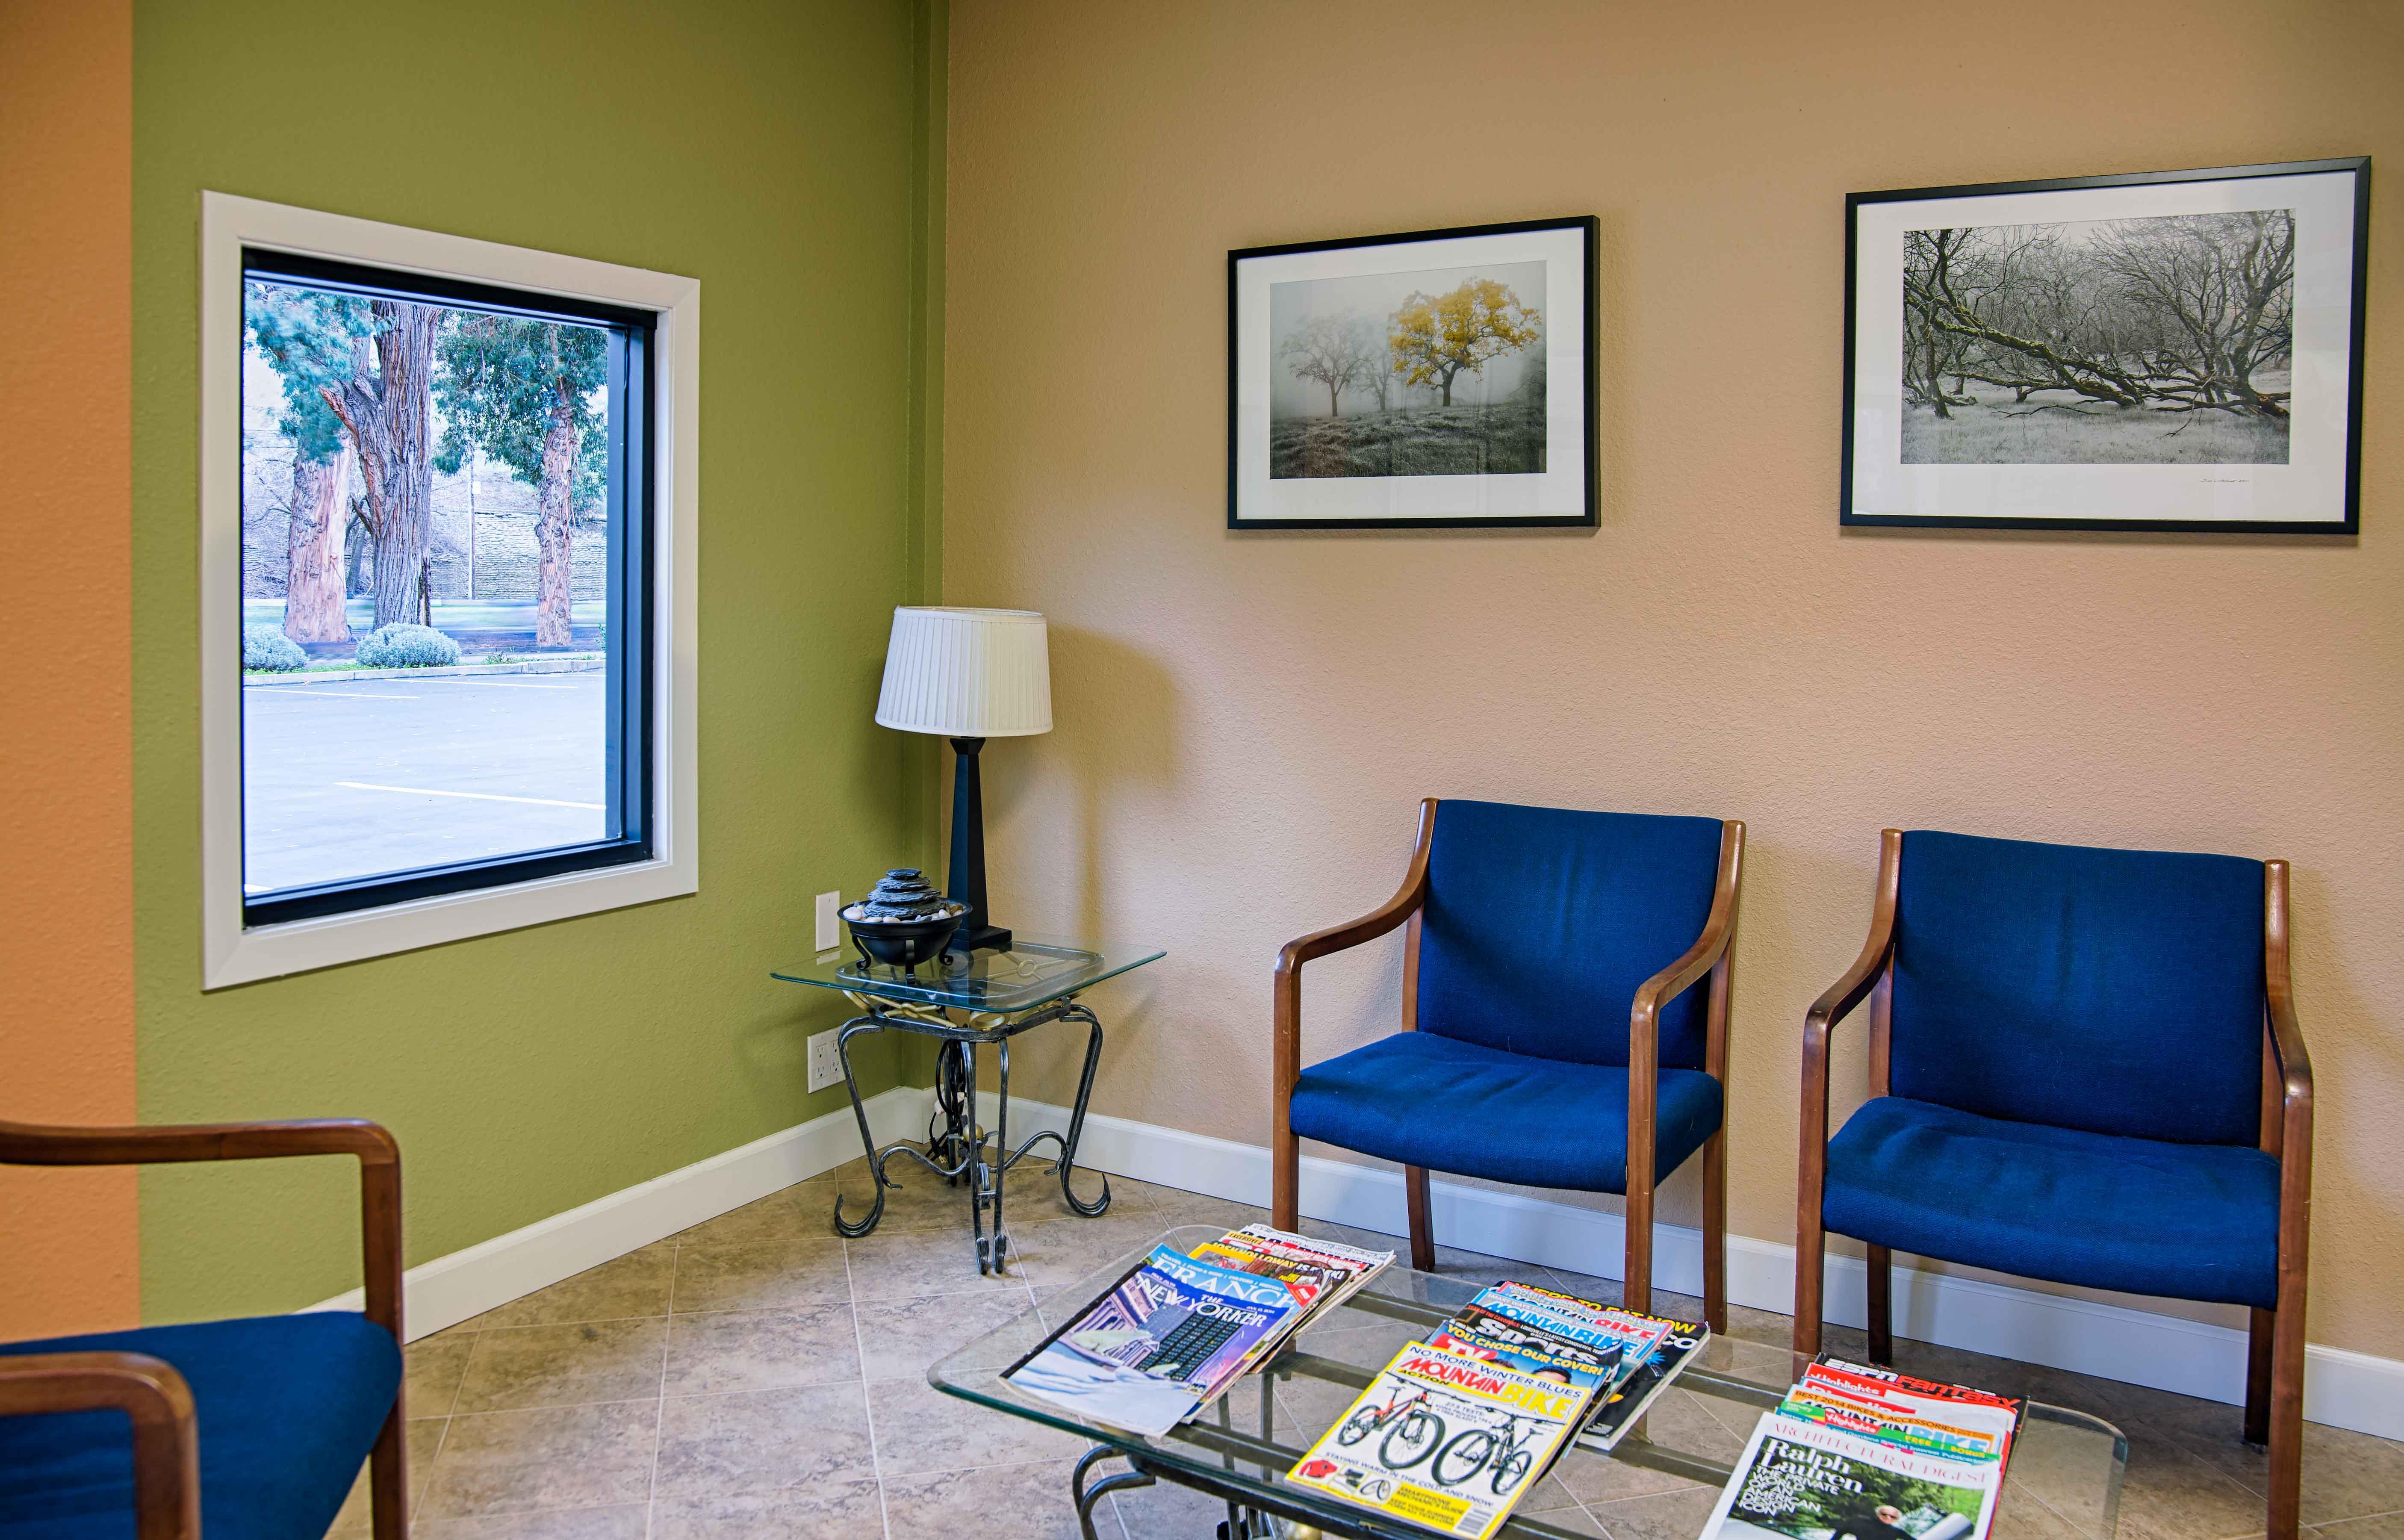 waitingroom_HDR.jpg